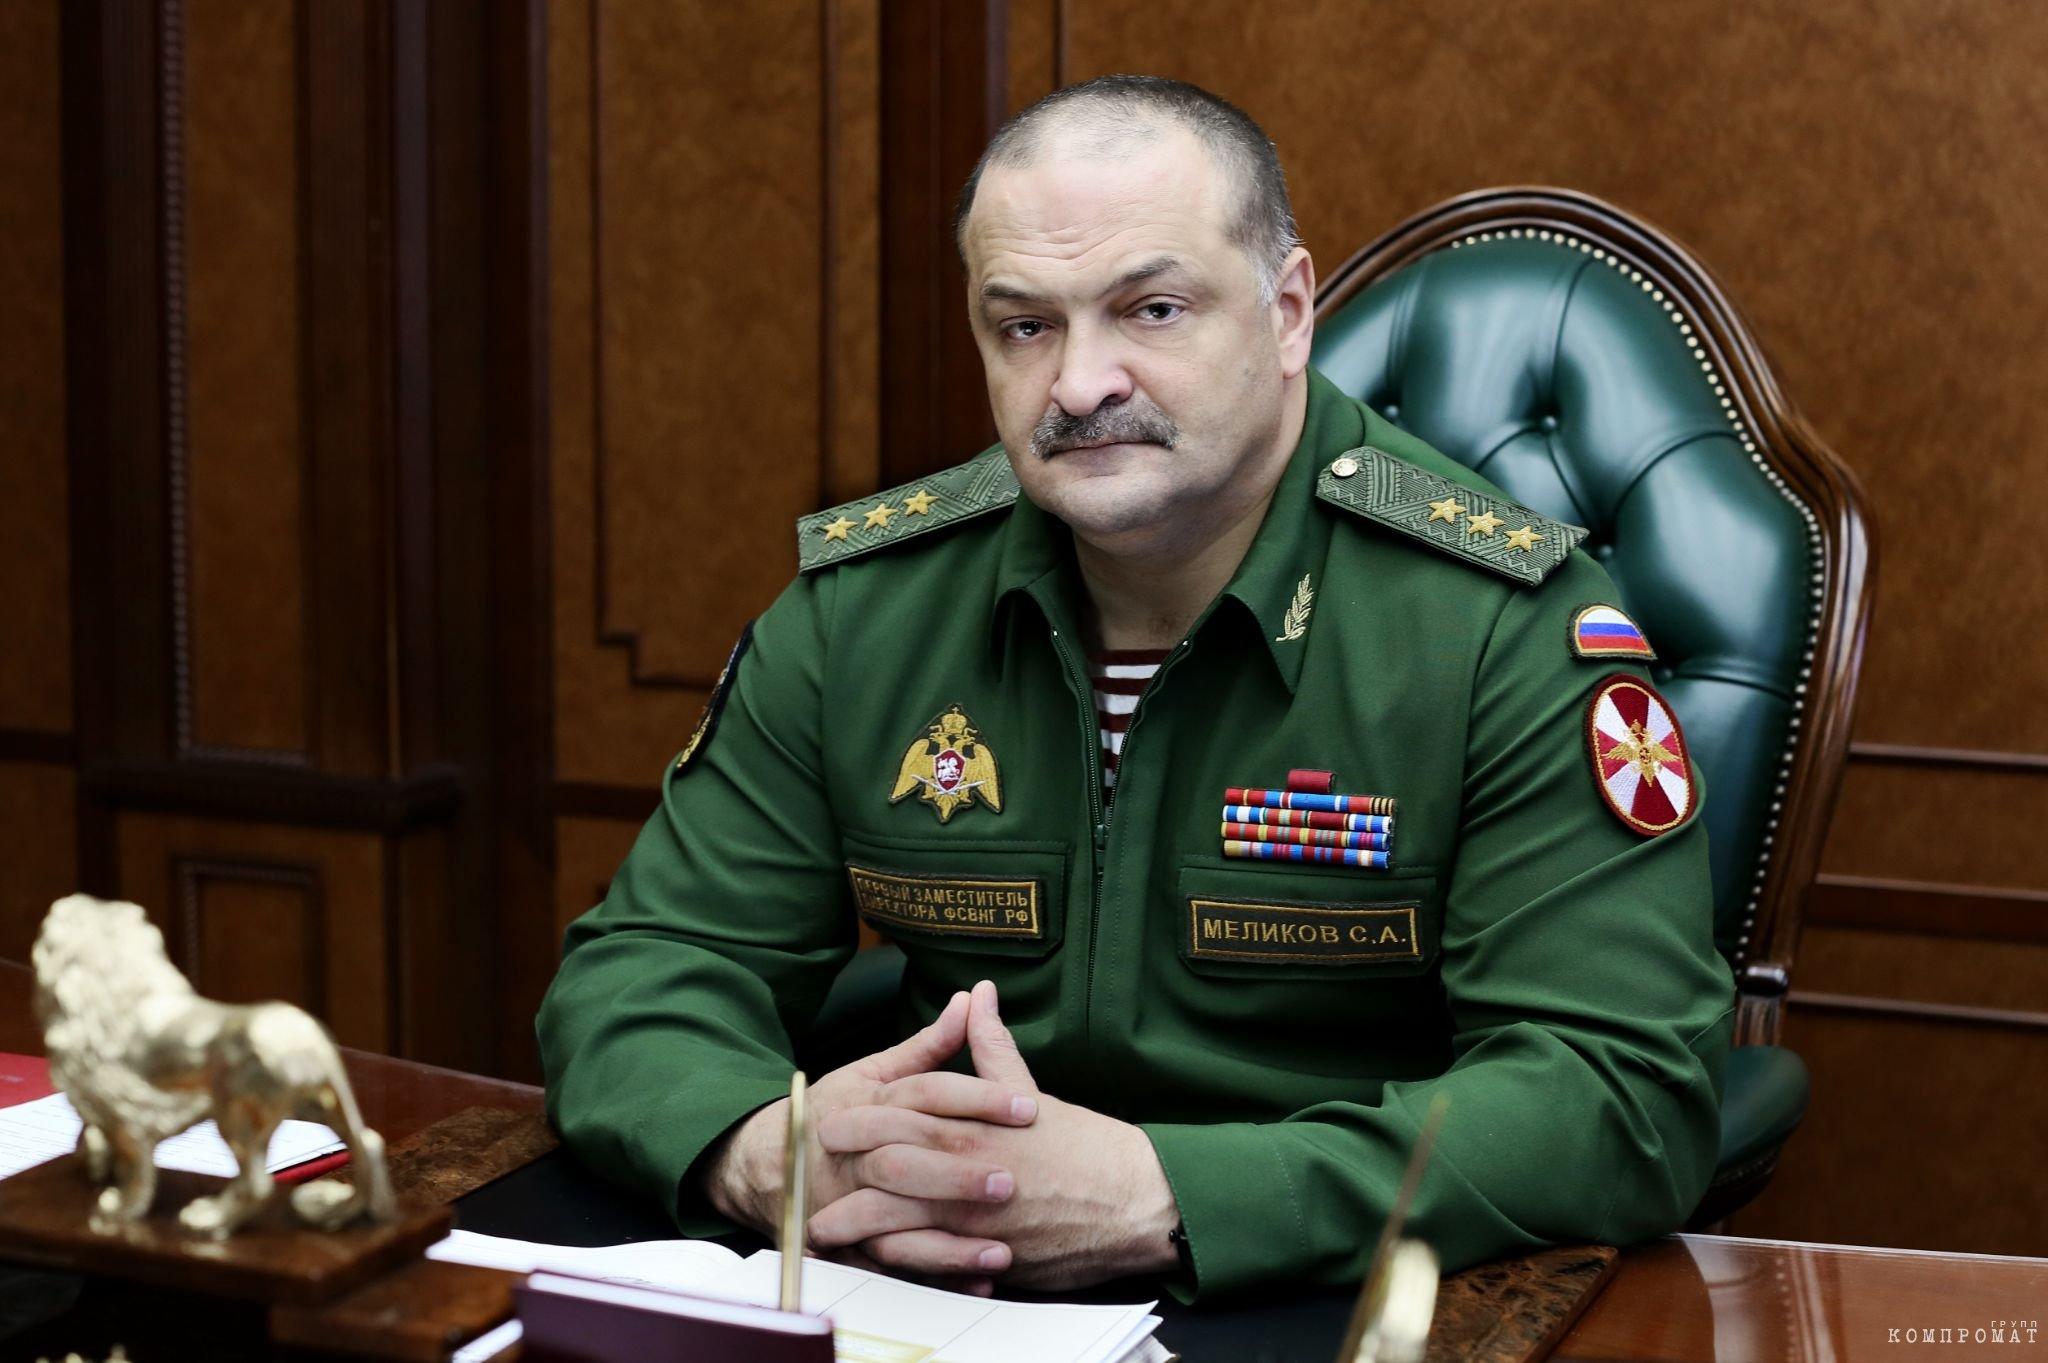 Квадратные метры испортили генерала Меликова